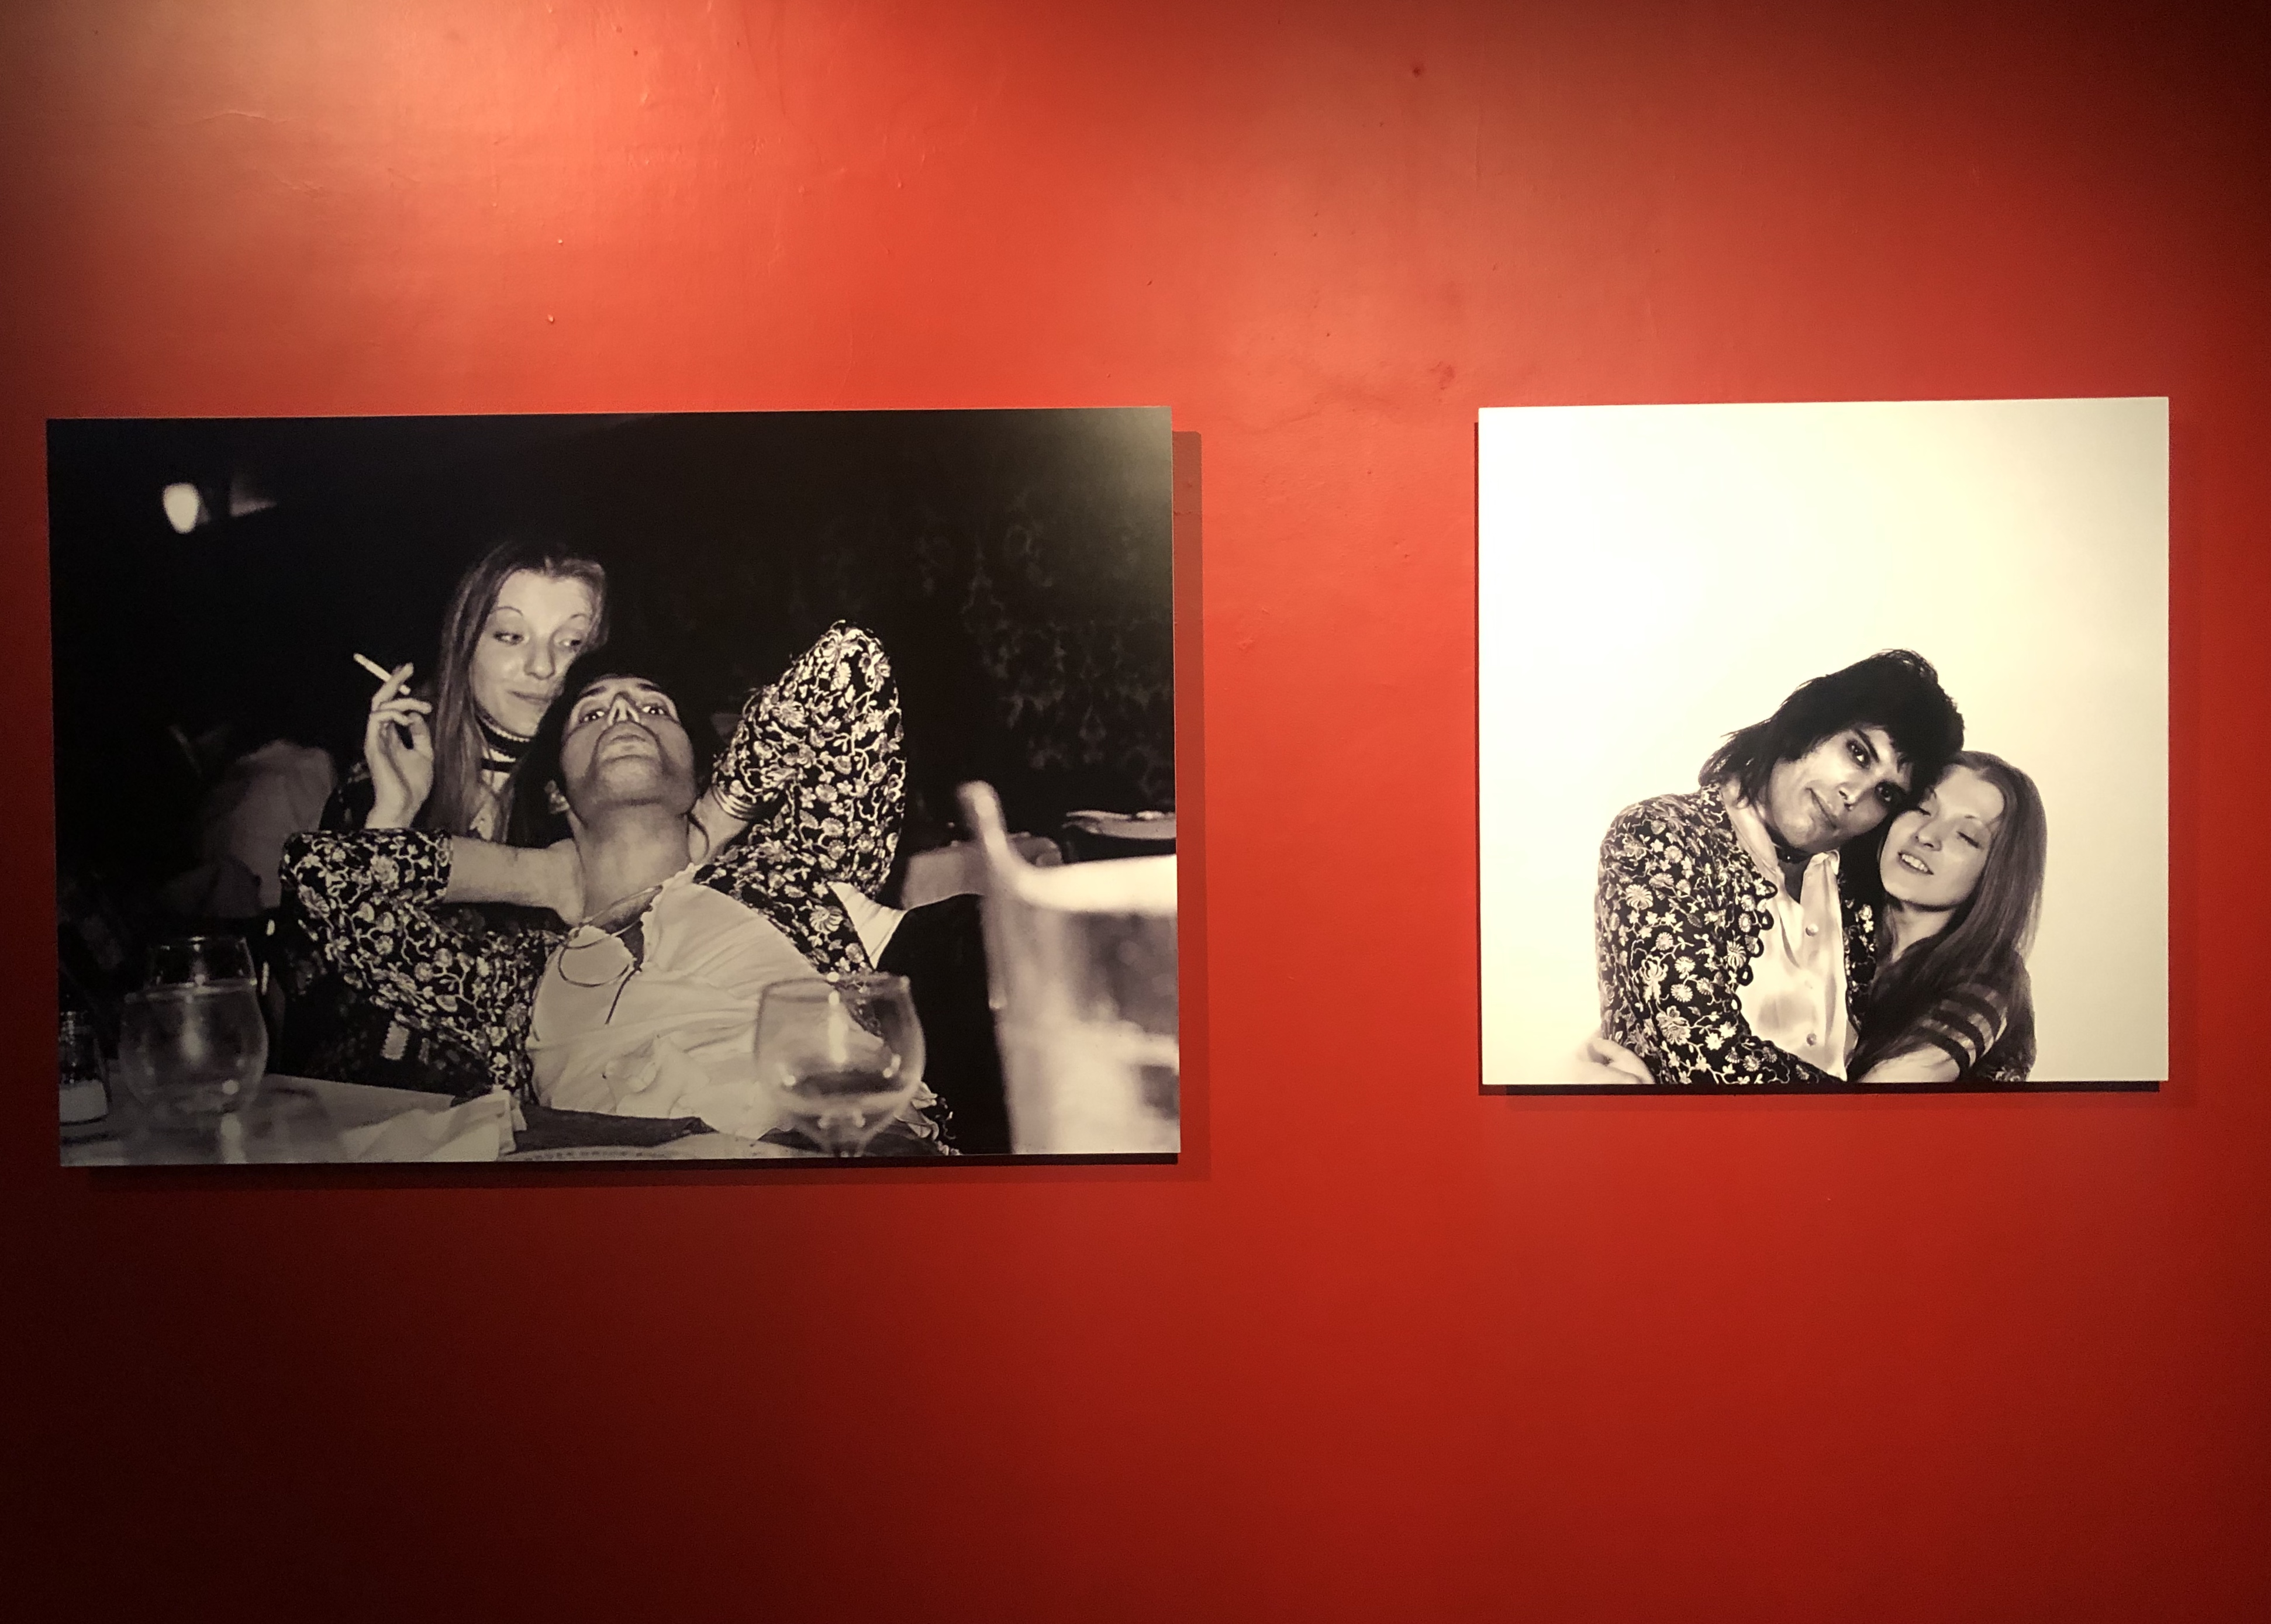 """Una nueva expo de Mick Rock se presenta en el Museo de Cuatro Caminos, la cual se titula """"Queen: El origen de una leyenda"""", que estará hasta abril."""